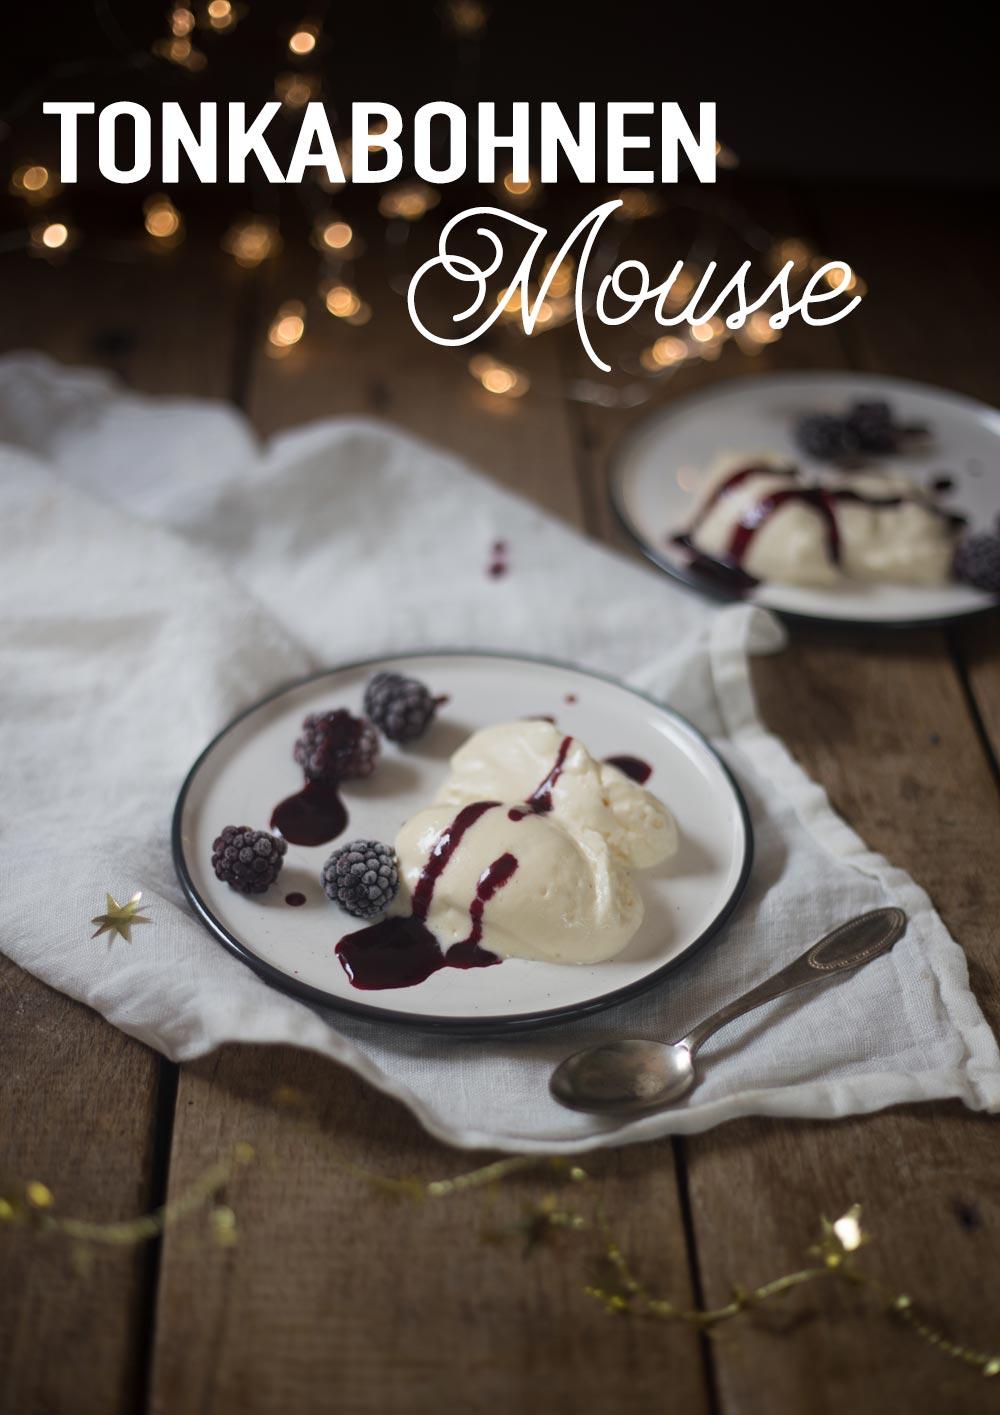 Tonkabohnen-Mousse-mit Brombeeren - Dessertidee für Weihnachten